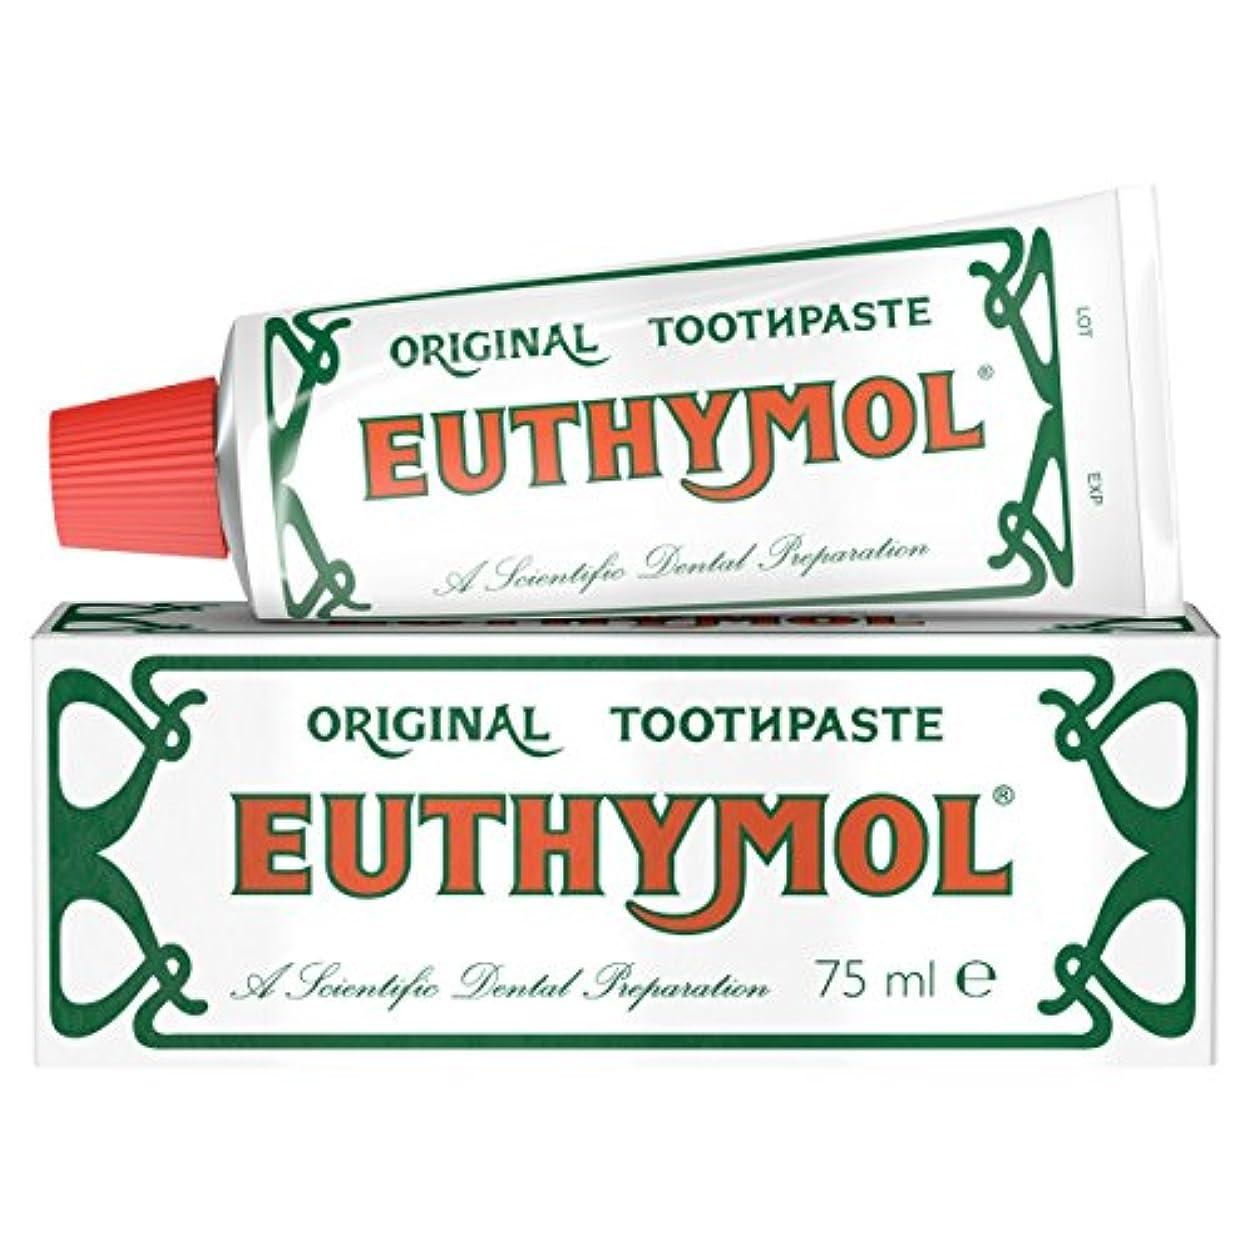 彫刻家どんなときも感染するEuthymol オリジナル歯磨き粉 75ml 並行輸入品 Euthymol Original Toothpaste 75 Ml